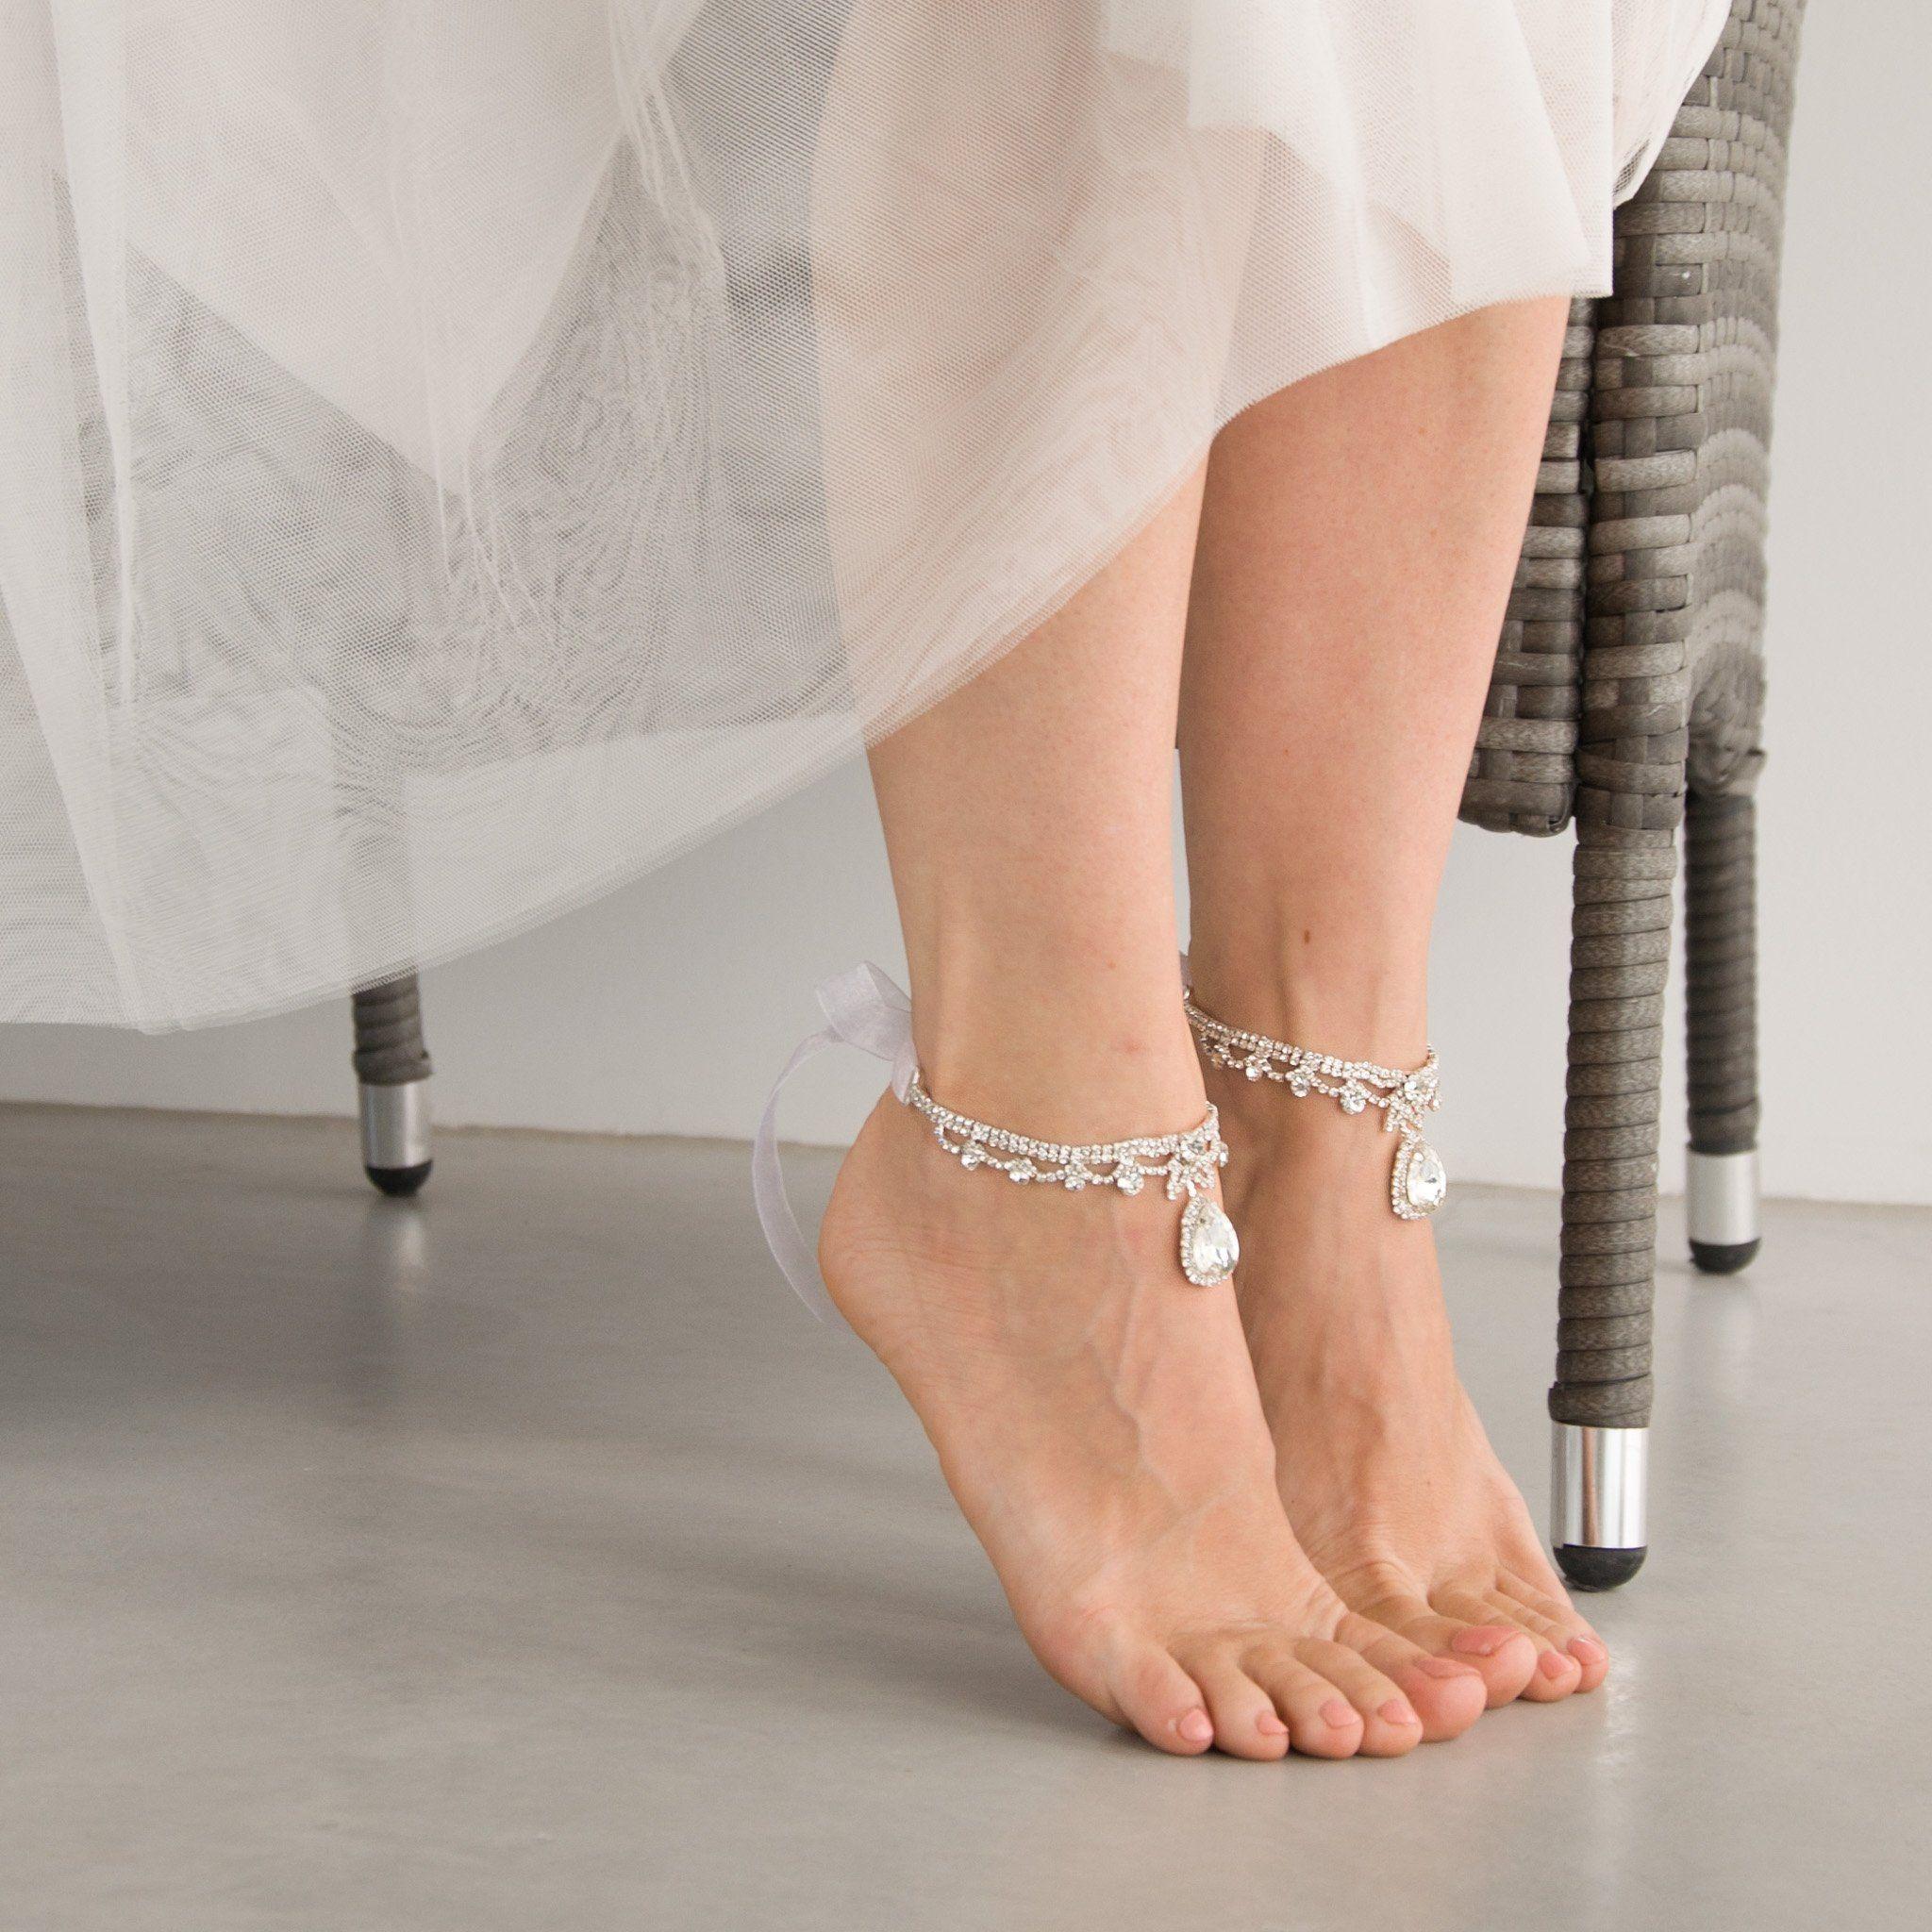 Crystal Ankle Bracelets For Beach Wedding Bride Summer Anklets